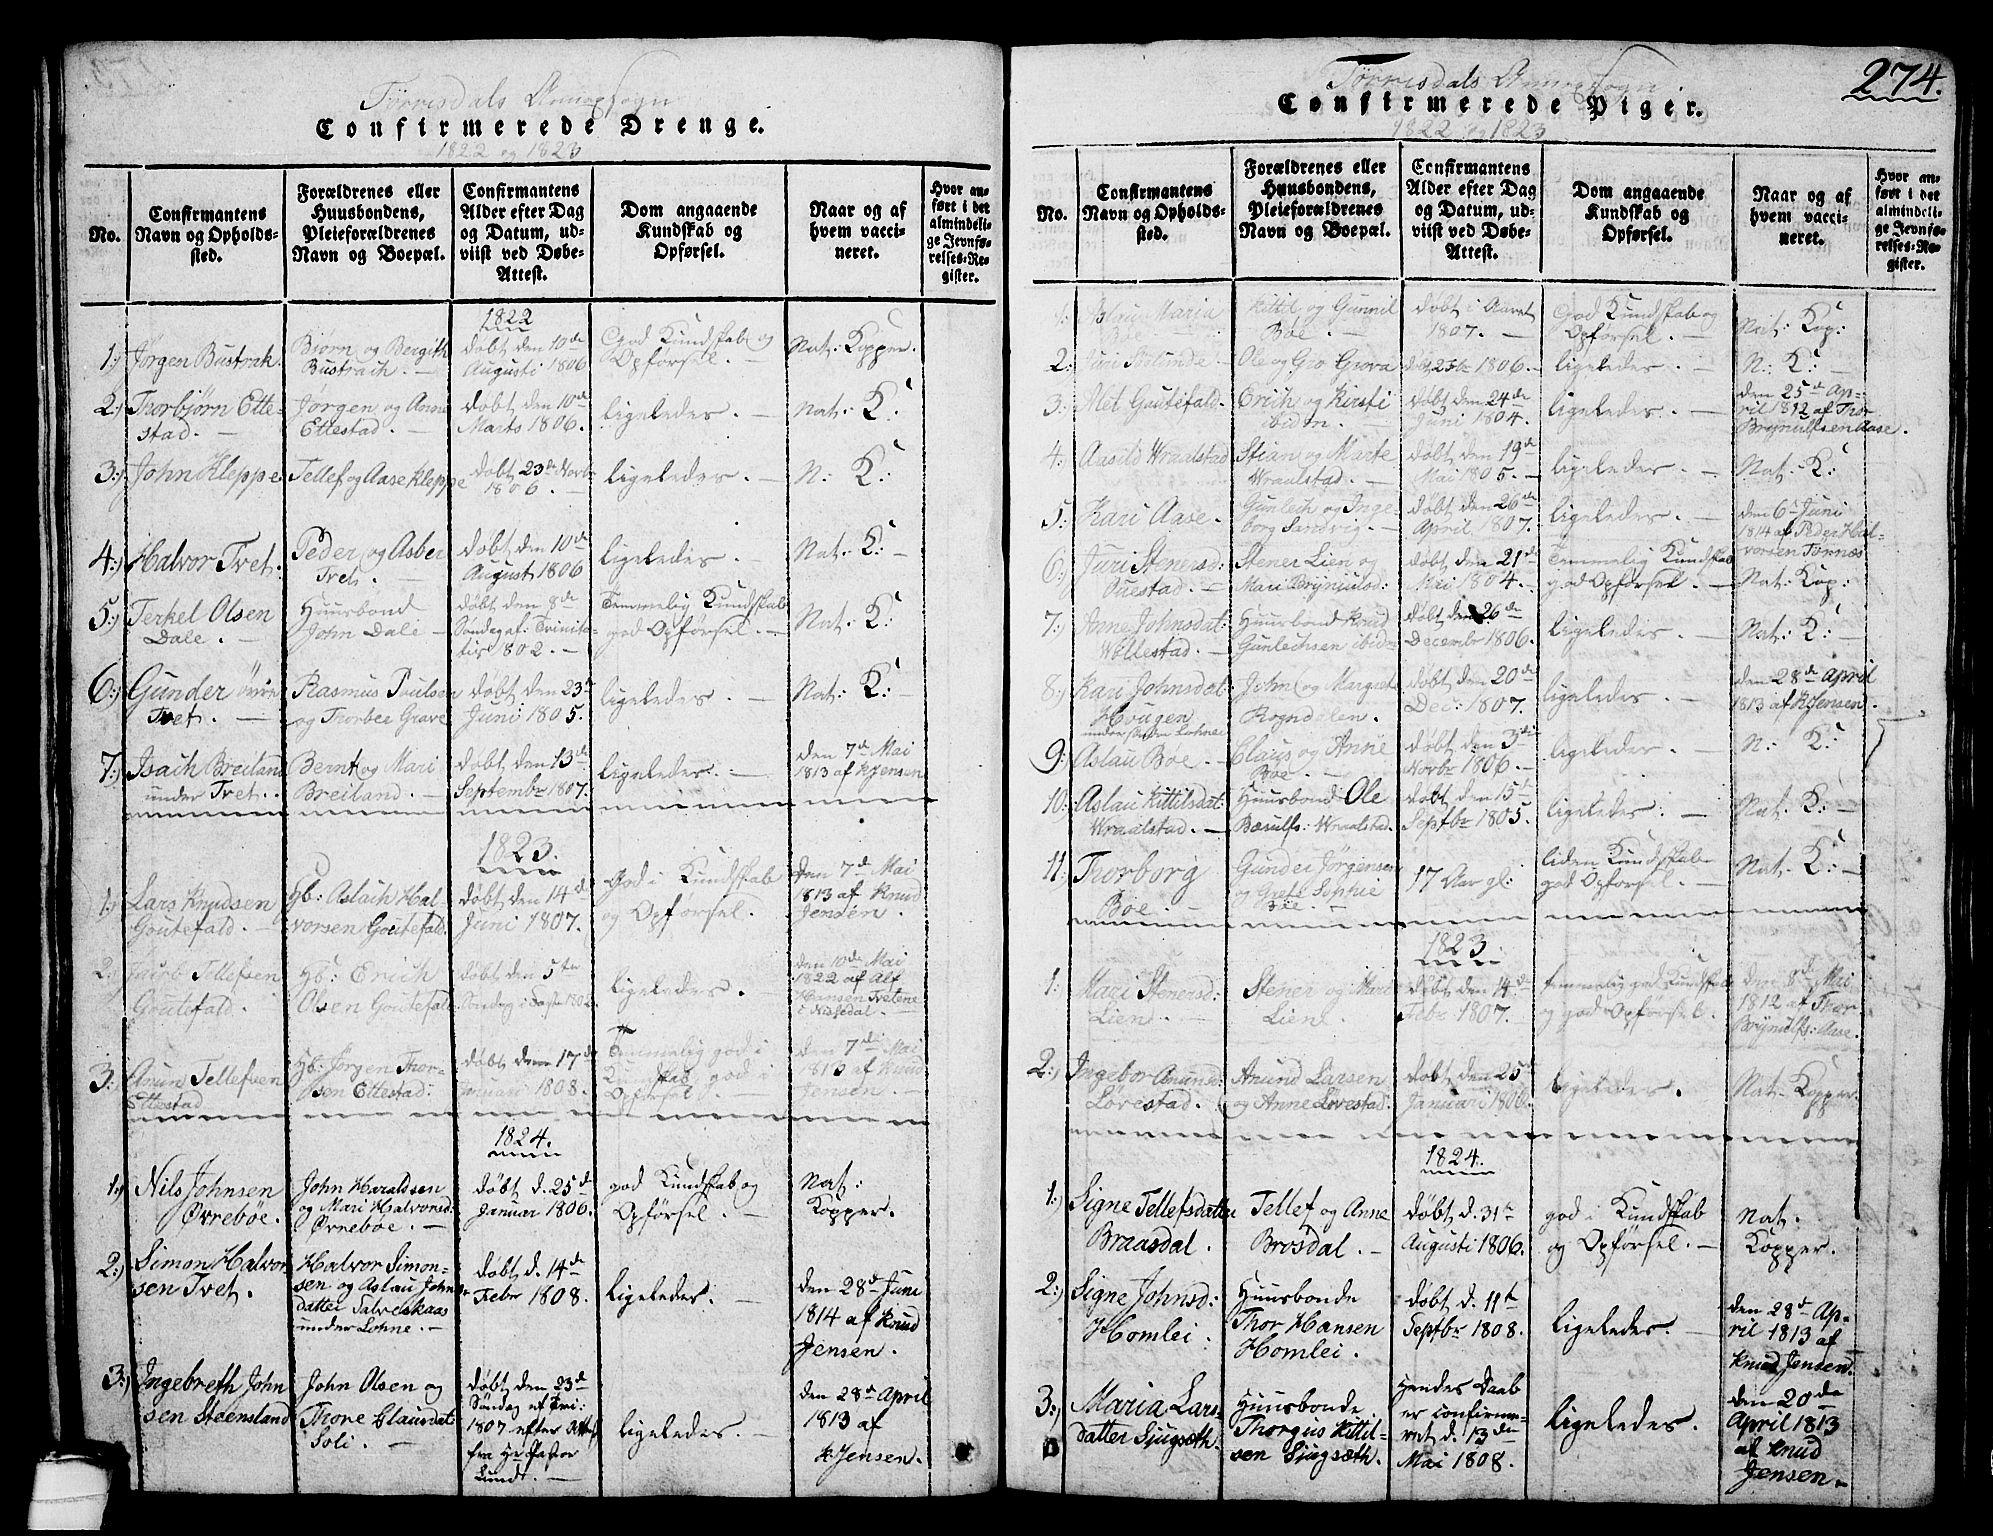 SAKO, Drangedal kirkebøker, G/Ga/L0001: Klokkerbok nr. I 1 /2, 1814-1856, s. 274